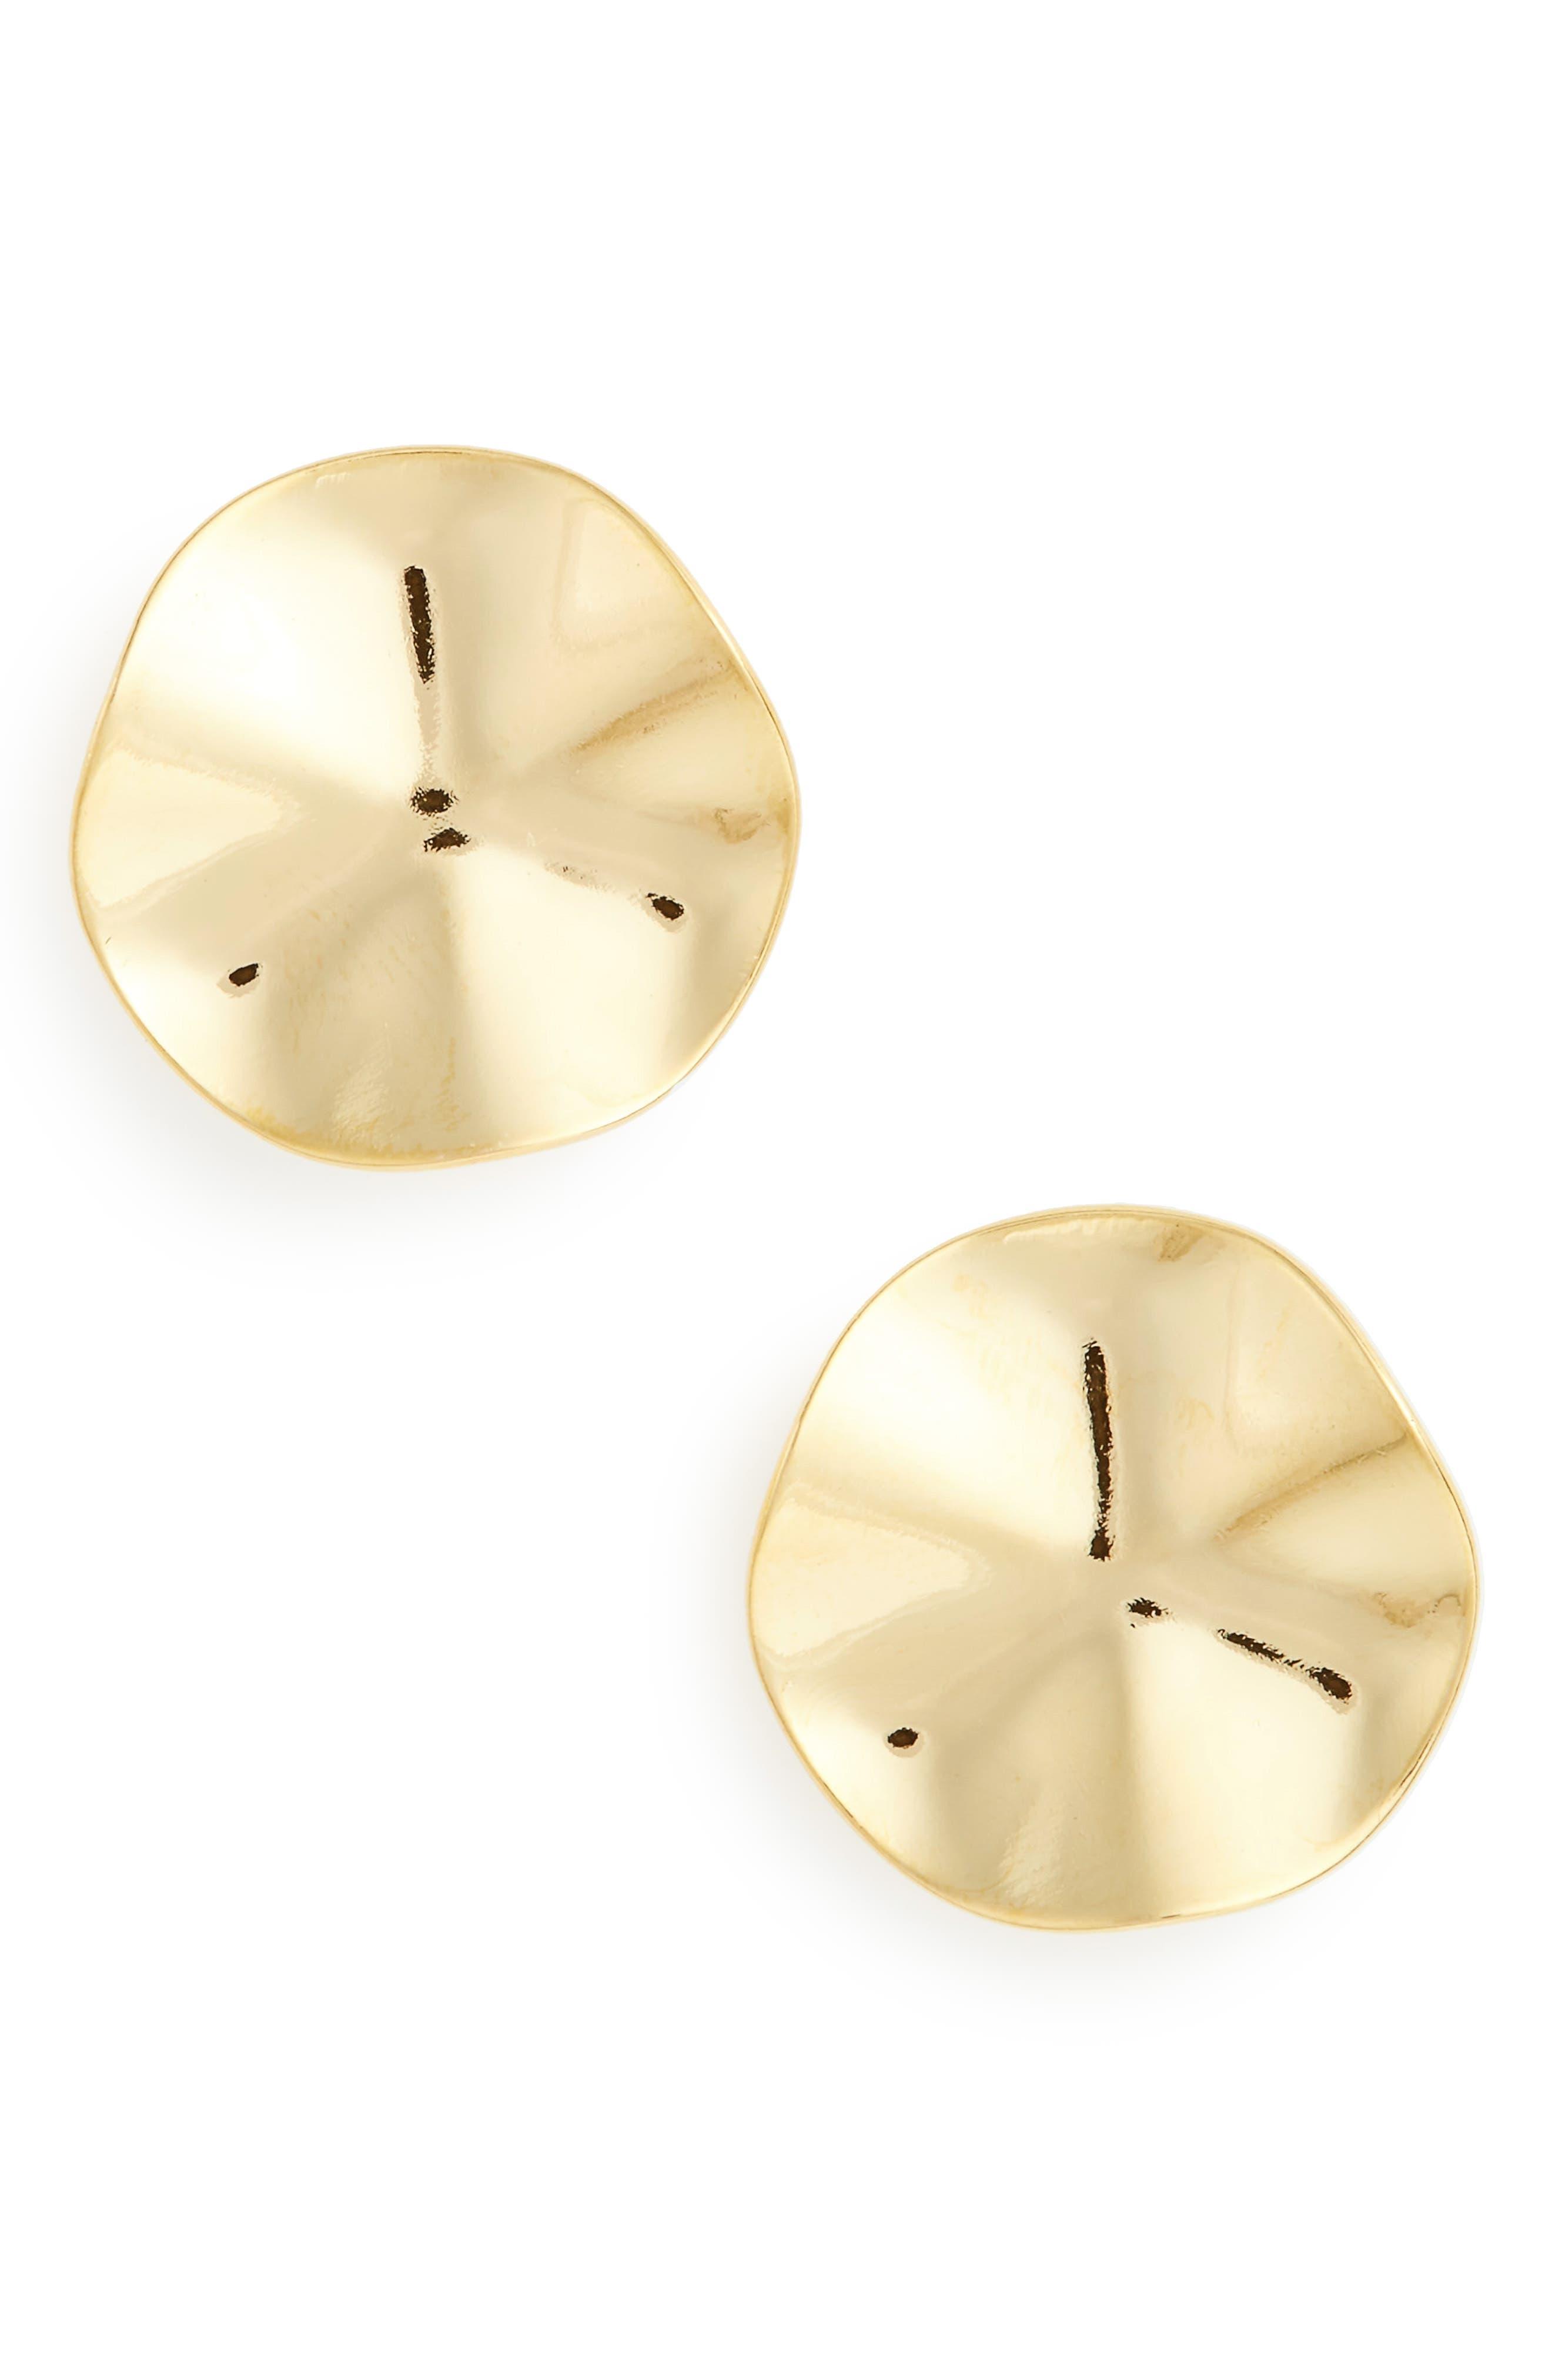 Alternate Image 1 Selected - BIKO Wave Stud Earrings